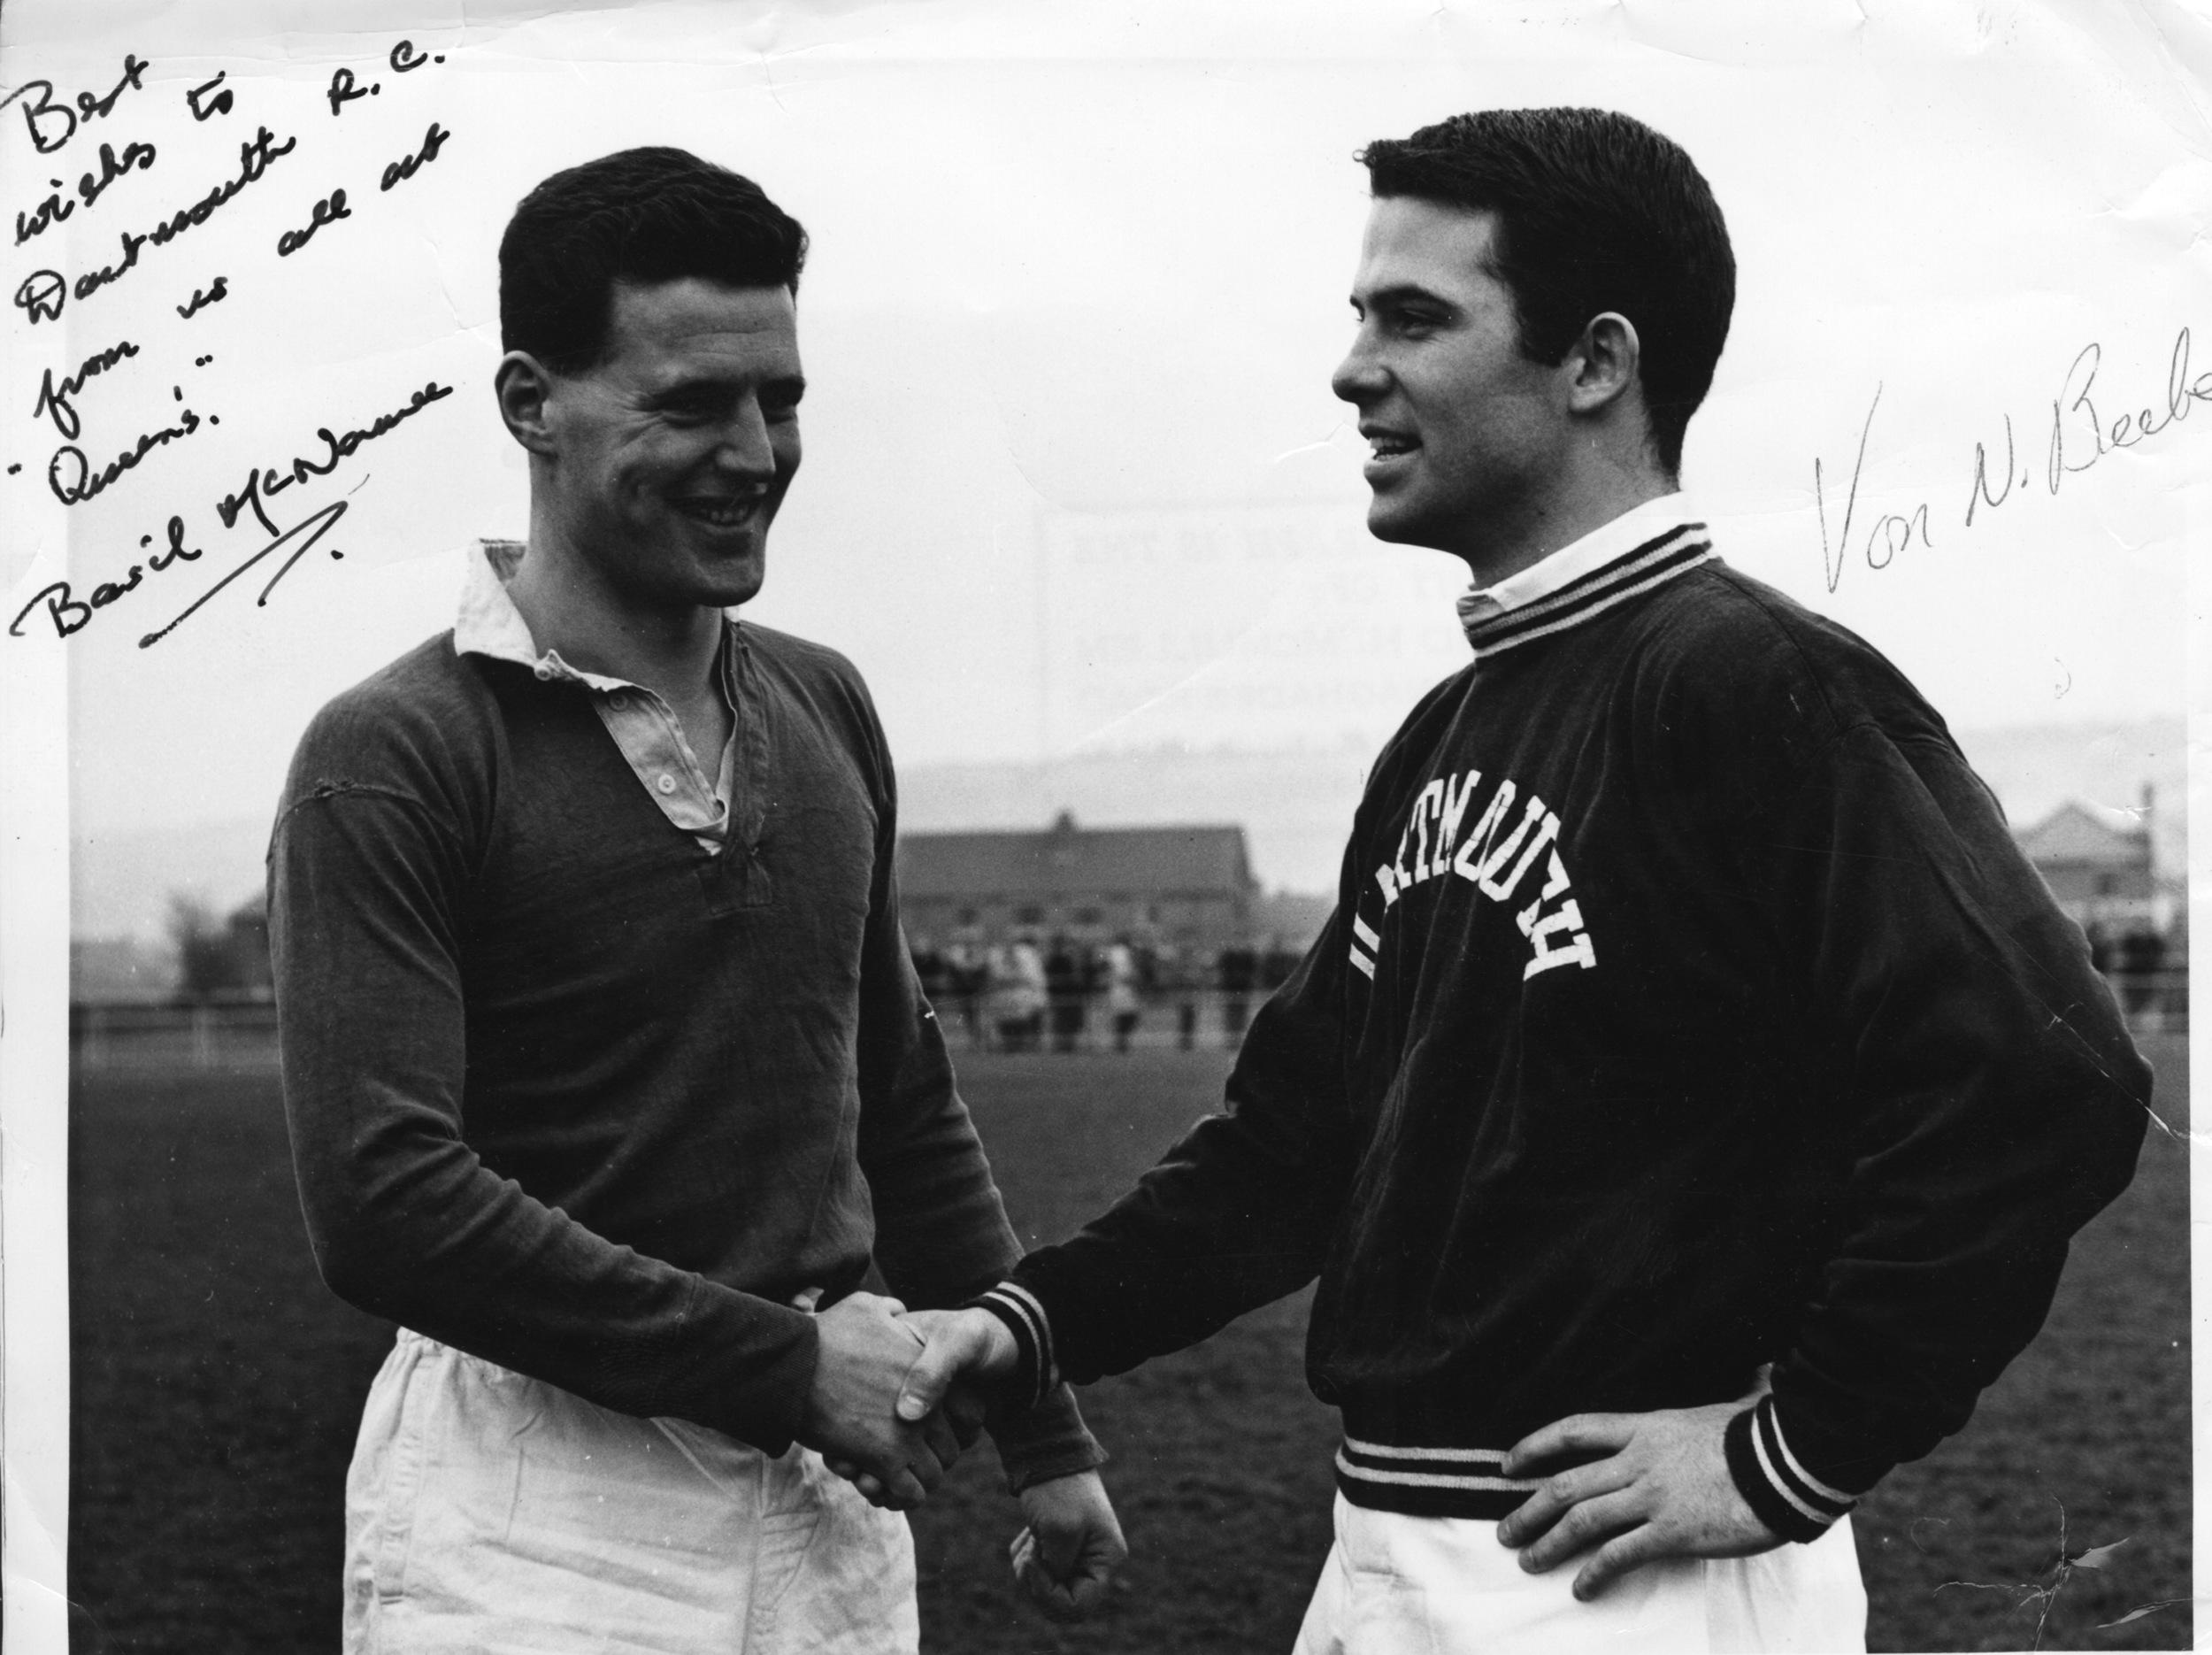 1962_Ireland Tour Von Beebe & Queens Belfast Hand Shake_DO21_2e.jpg